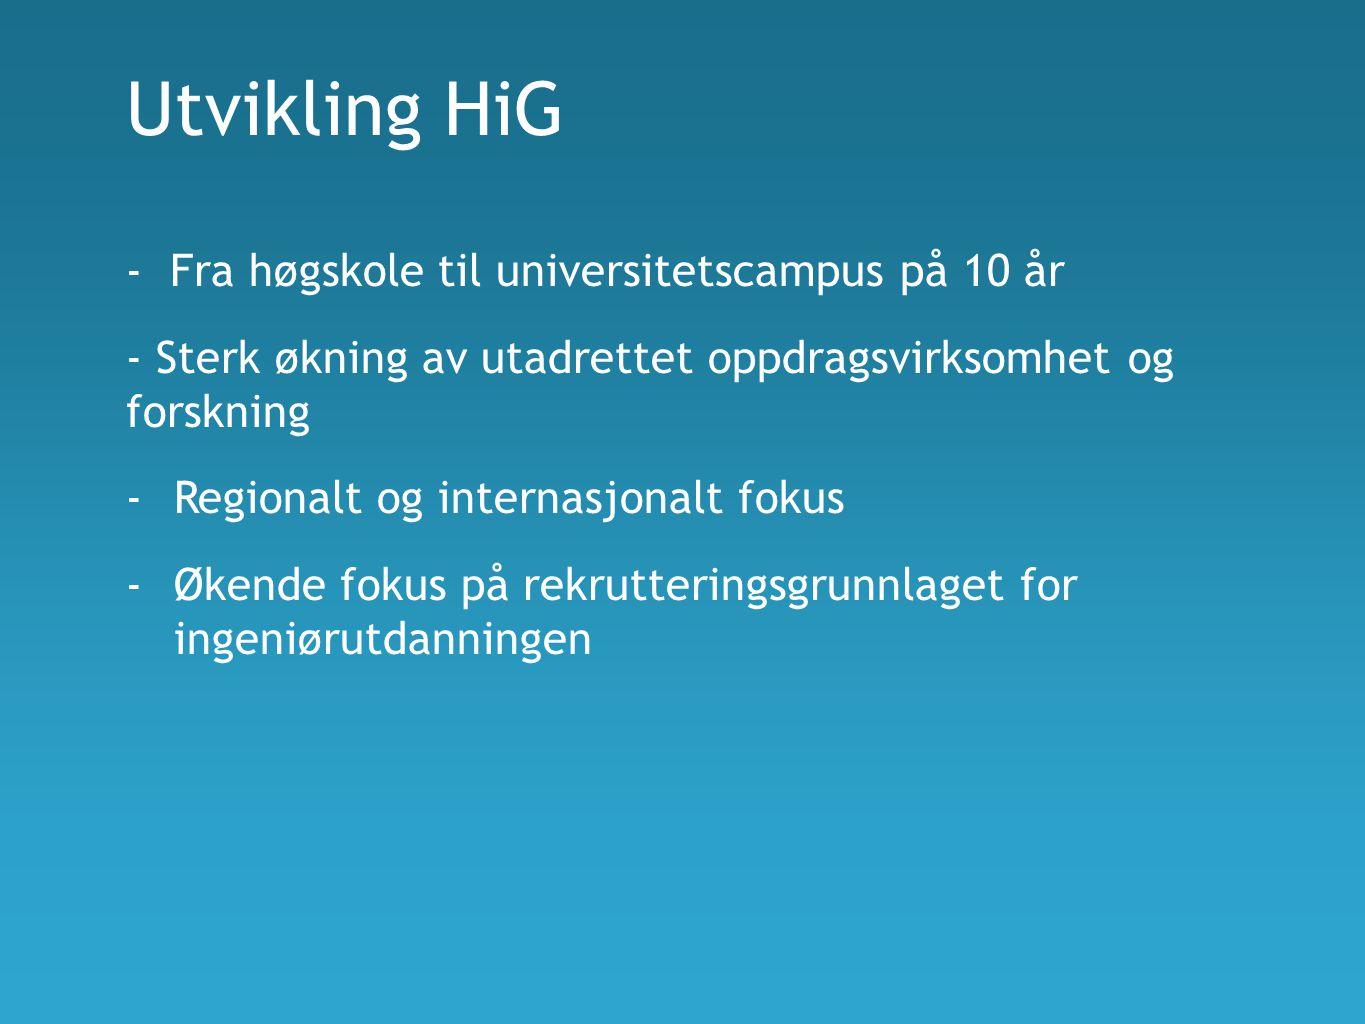 Utvikling HiG - Fra høgskole til universitetscampus på 10 år - Sterk økning av utadrettet oppdragsvirksomhet og forskning -Regionalt og internasjonalt fokus -Økende fokus på rekrutteringsgrunnlaget for ingeniørutdanningen